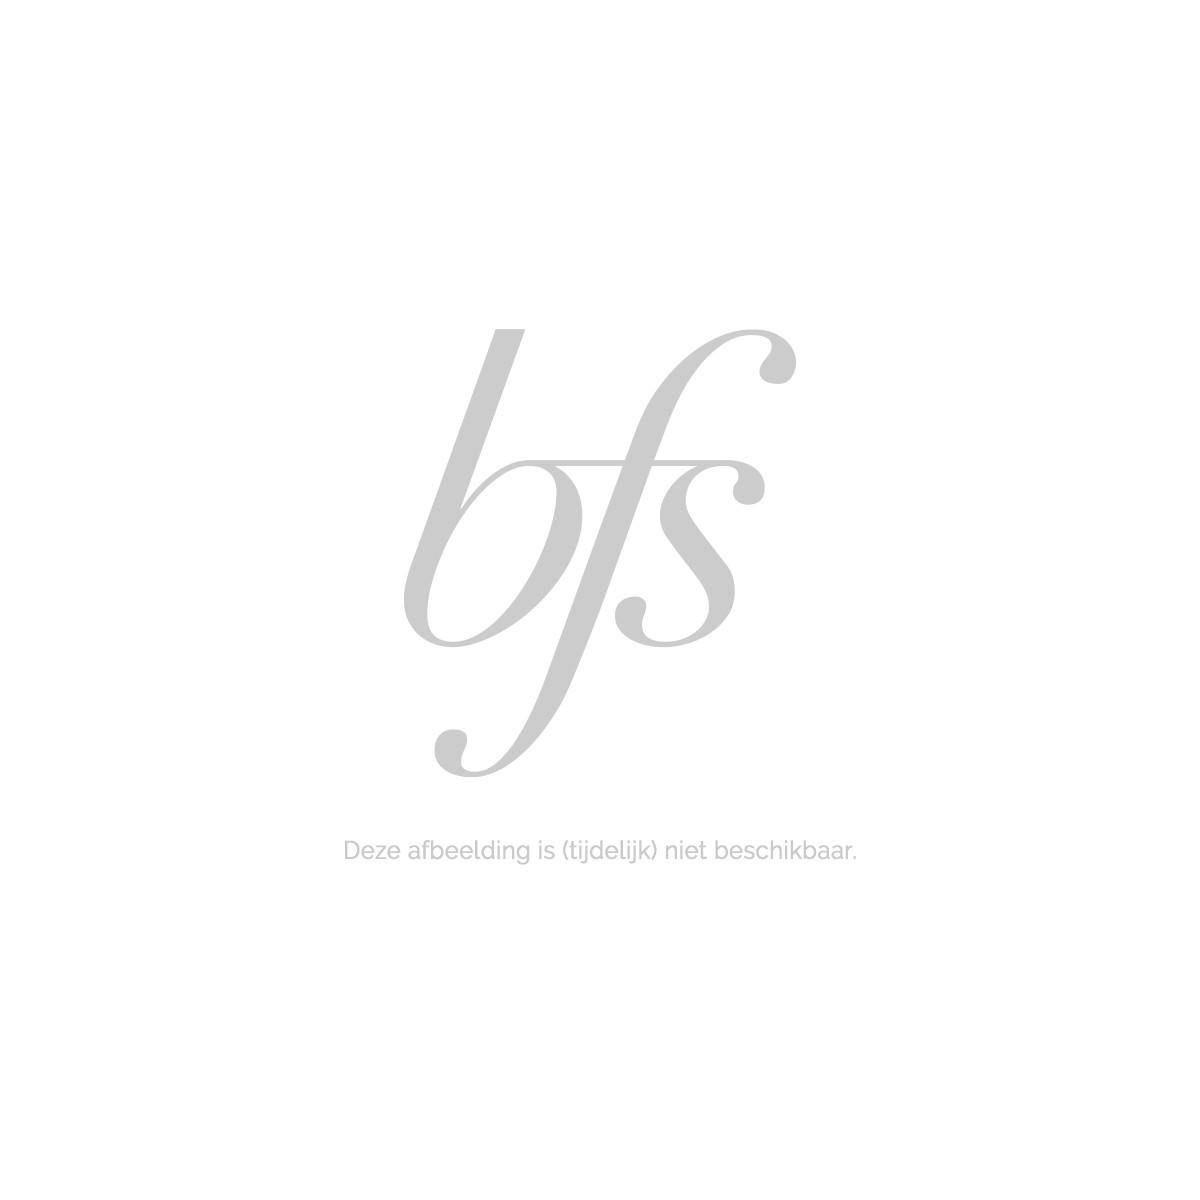 Marc Jacobs Daisy Dream Eau de Toilette 30 ml